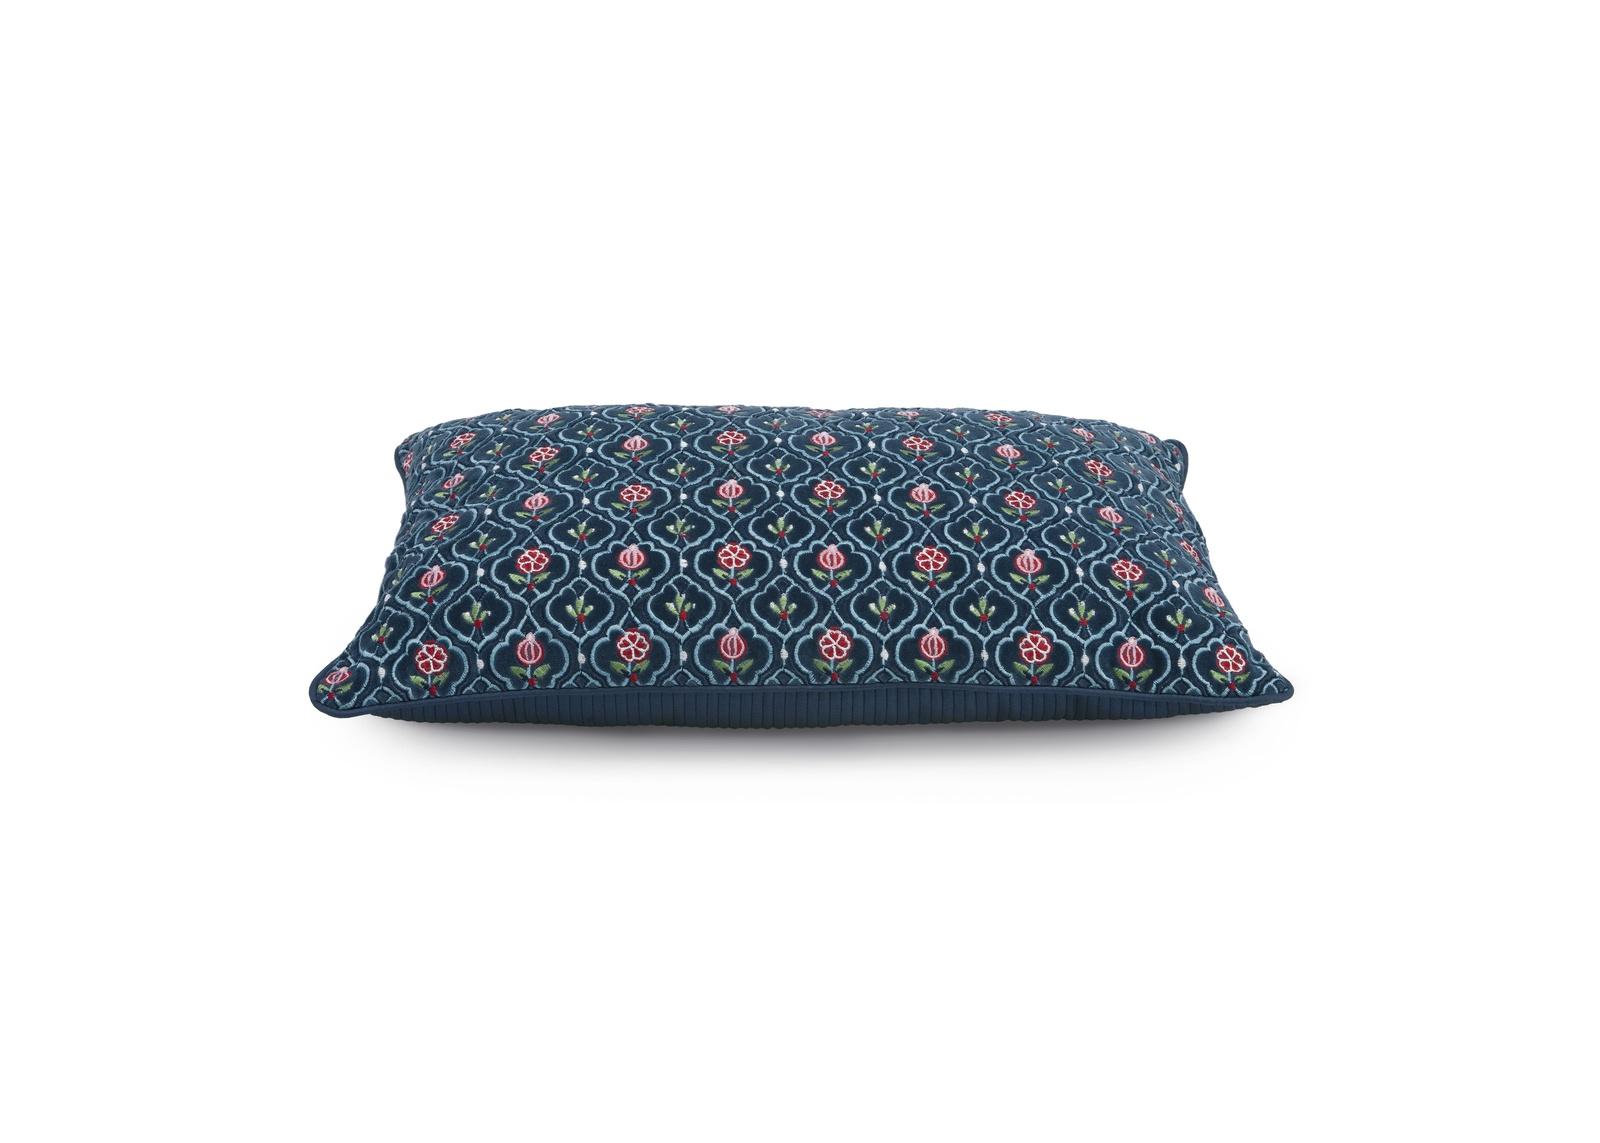 Подушка Pip Studio Indian Flower Blue, 30x50см51.040.306- Материал: 50% вельвет, 50% полиэстер. Наполнитель - 100% полиэстер. Цвет: Мультиколор. Размер: длина 30, ширина 50. Декоративные подушки от Pip studio расставят яркие акценты в дизайне Вашей гостинной или спальни